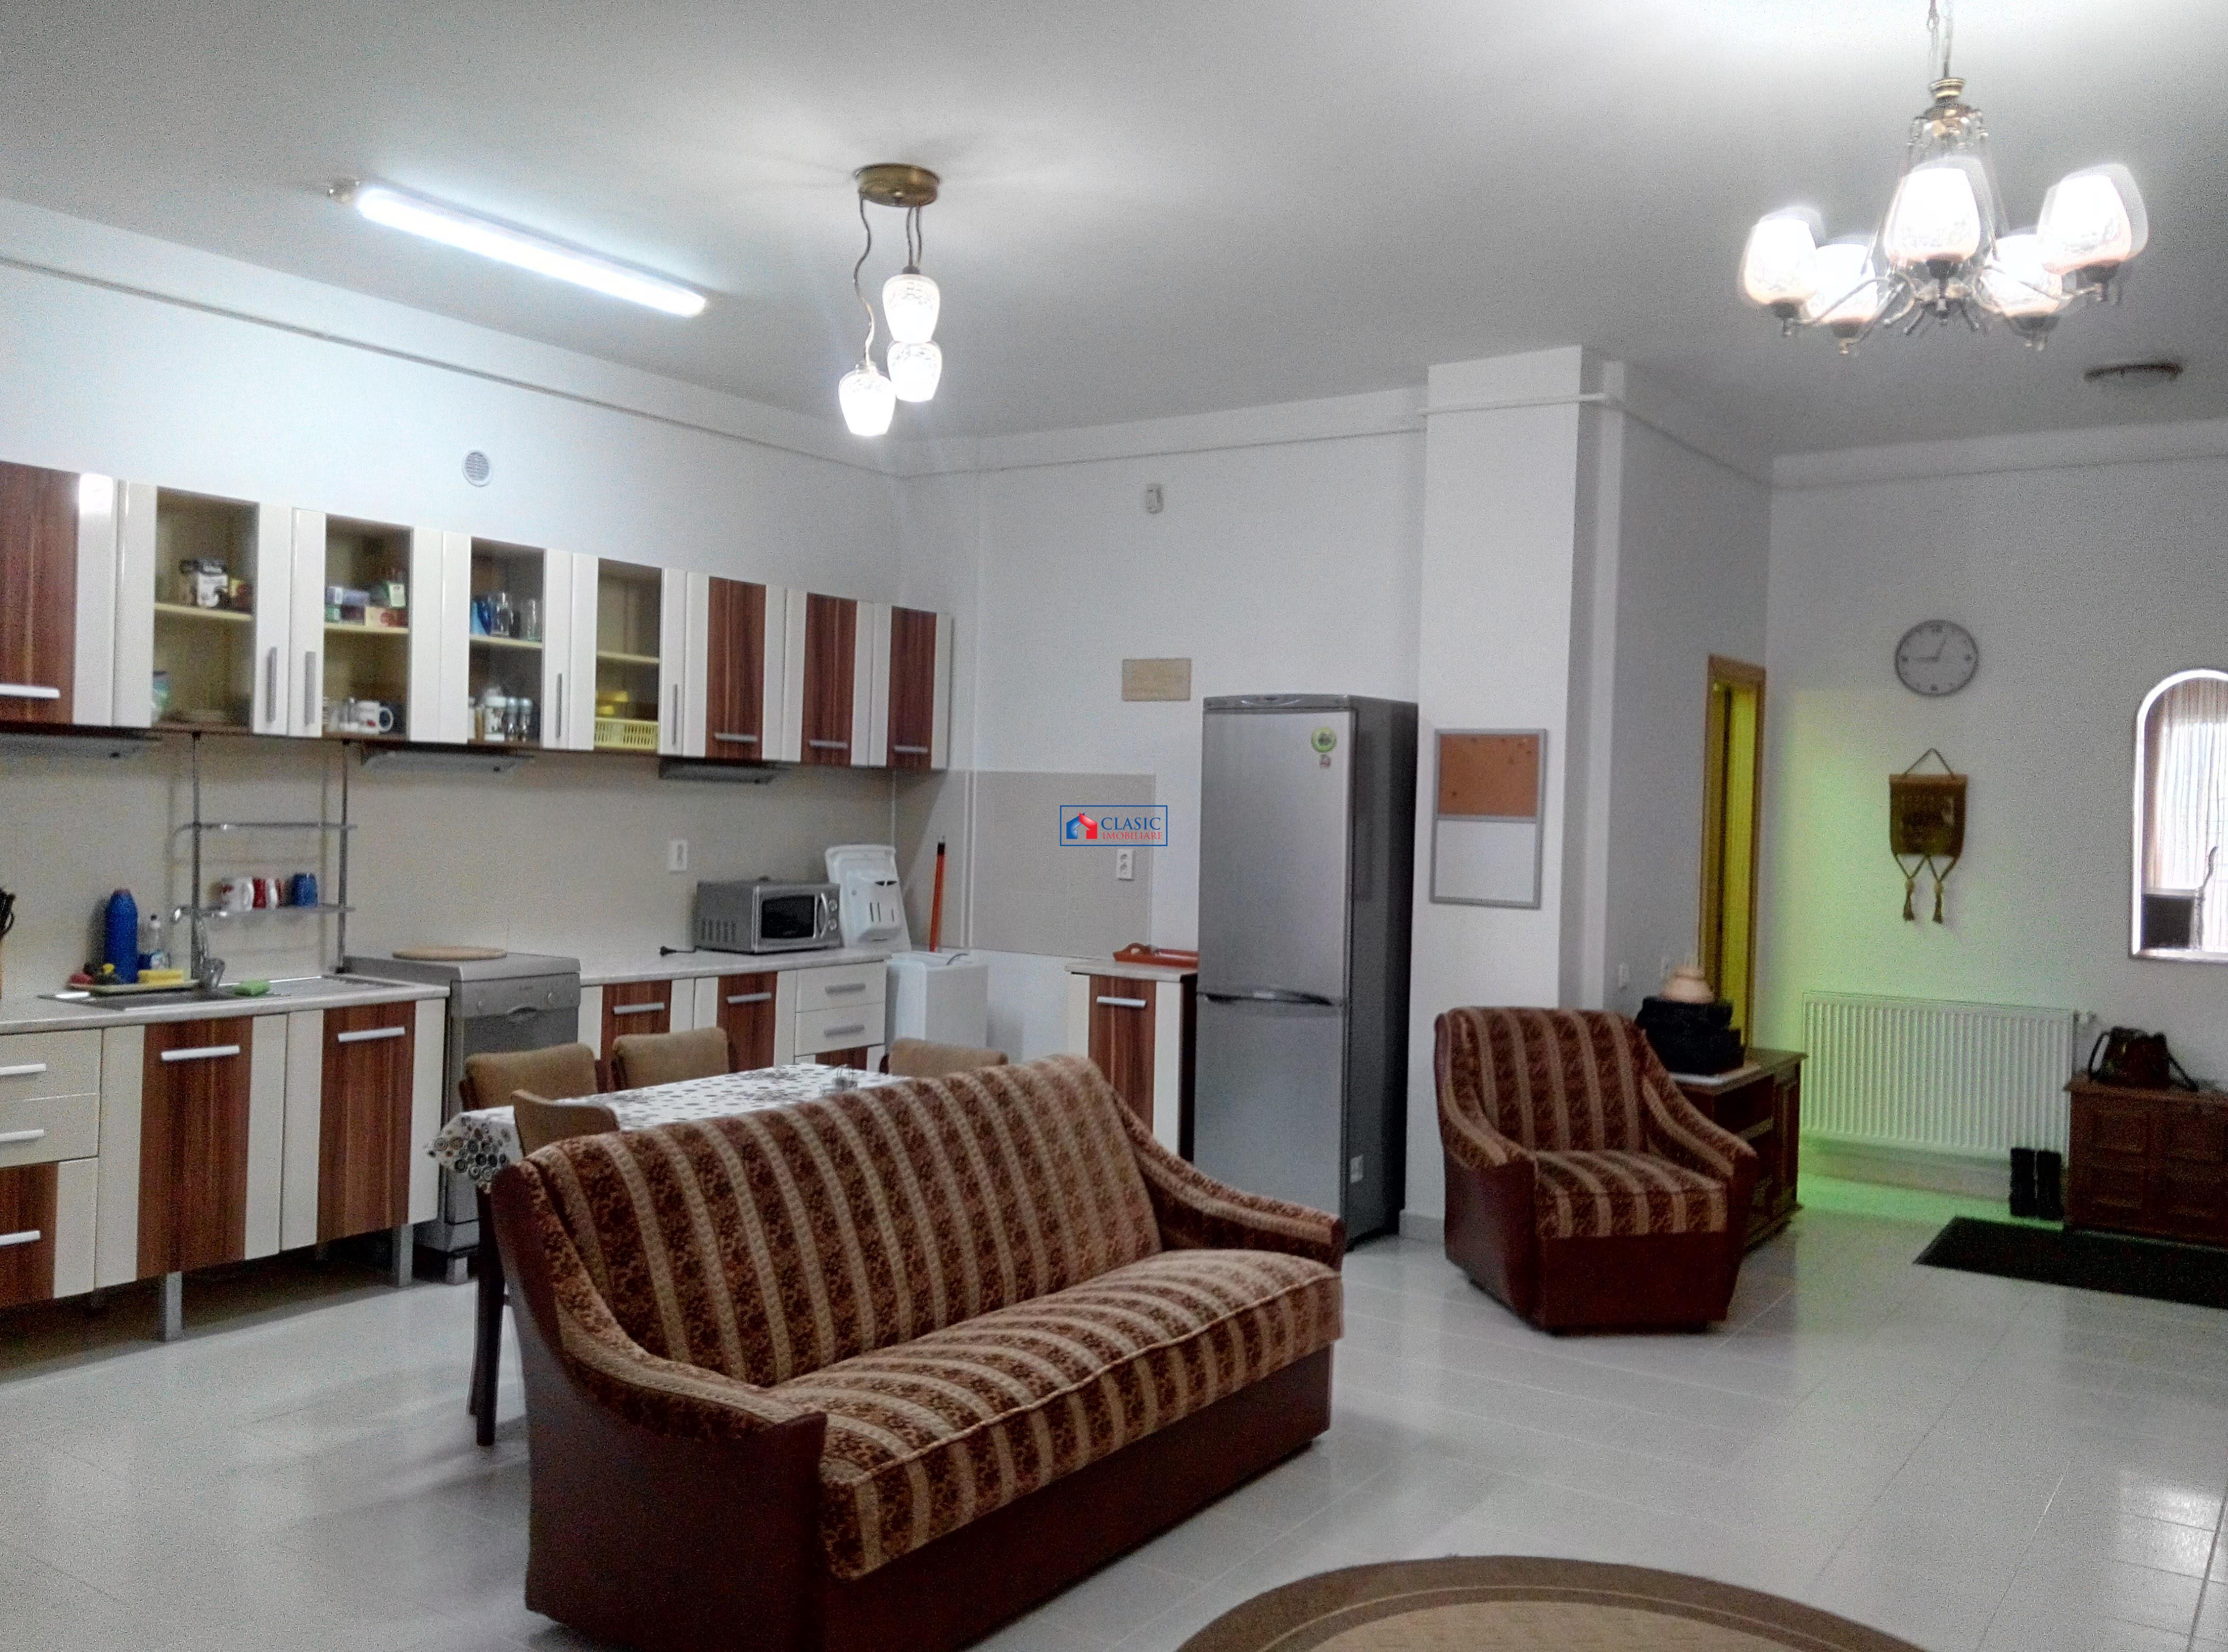 Inchiriere Apartament 2 camere modern zona Plopilor, Cluj Napoca